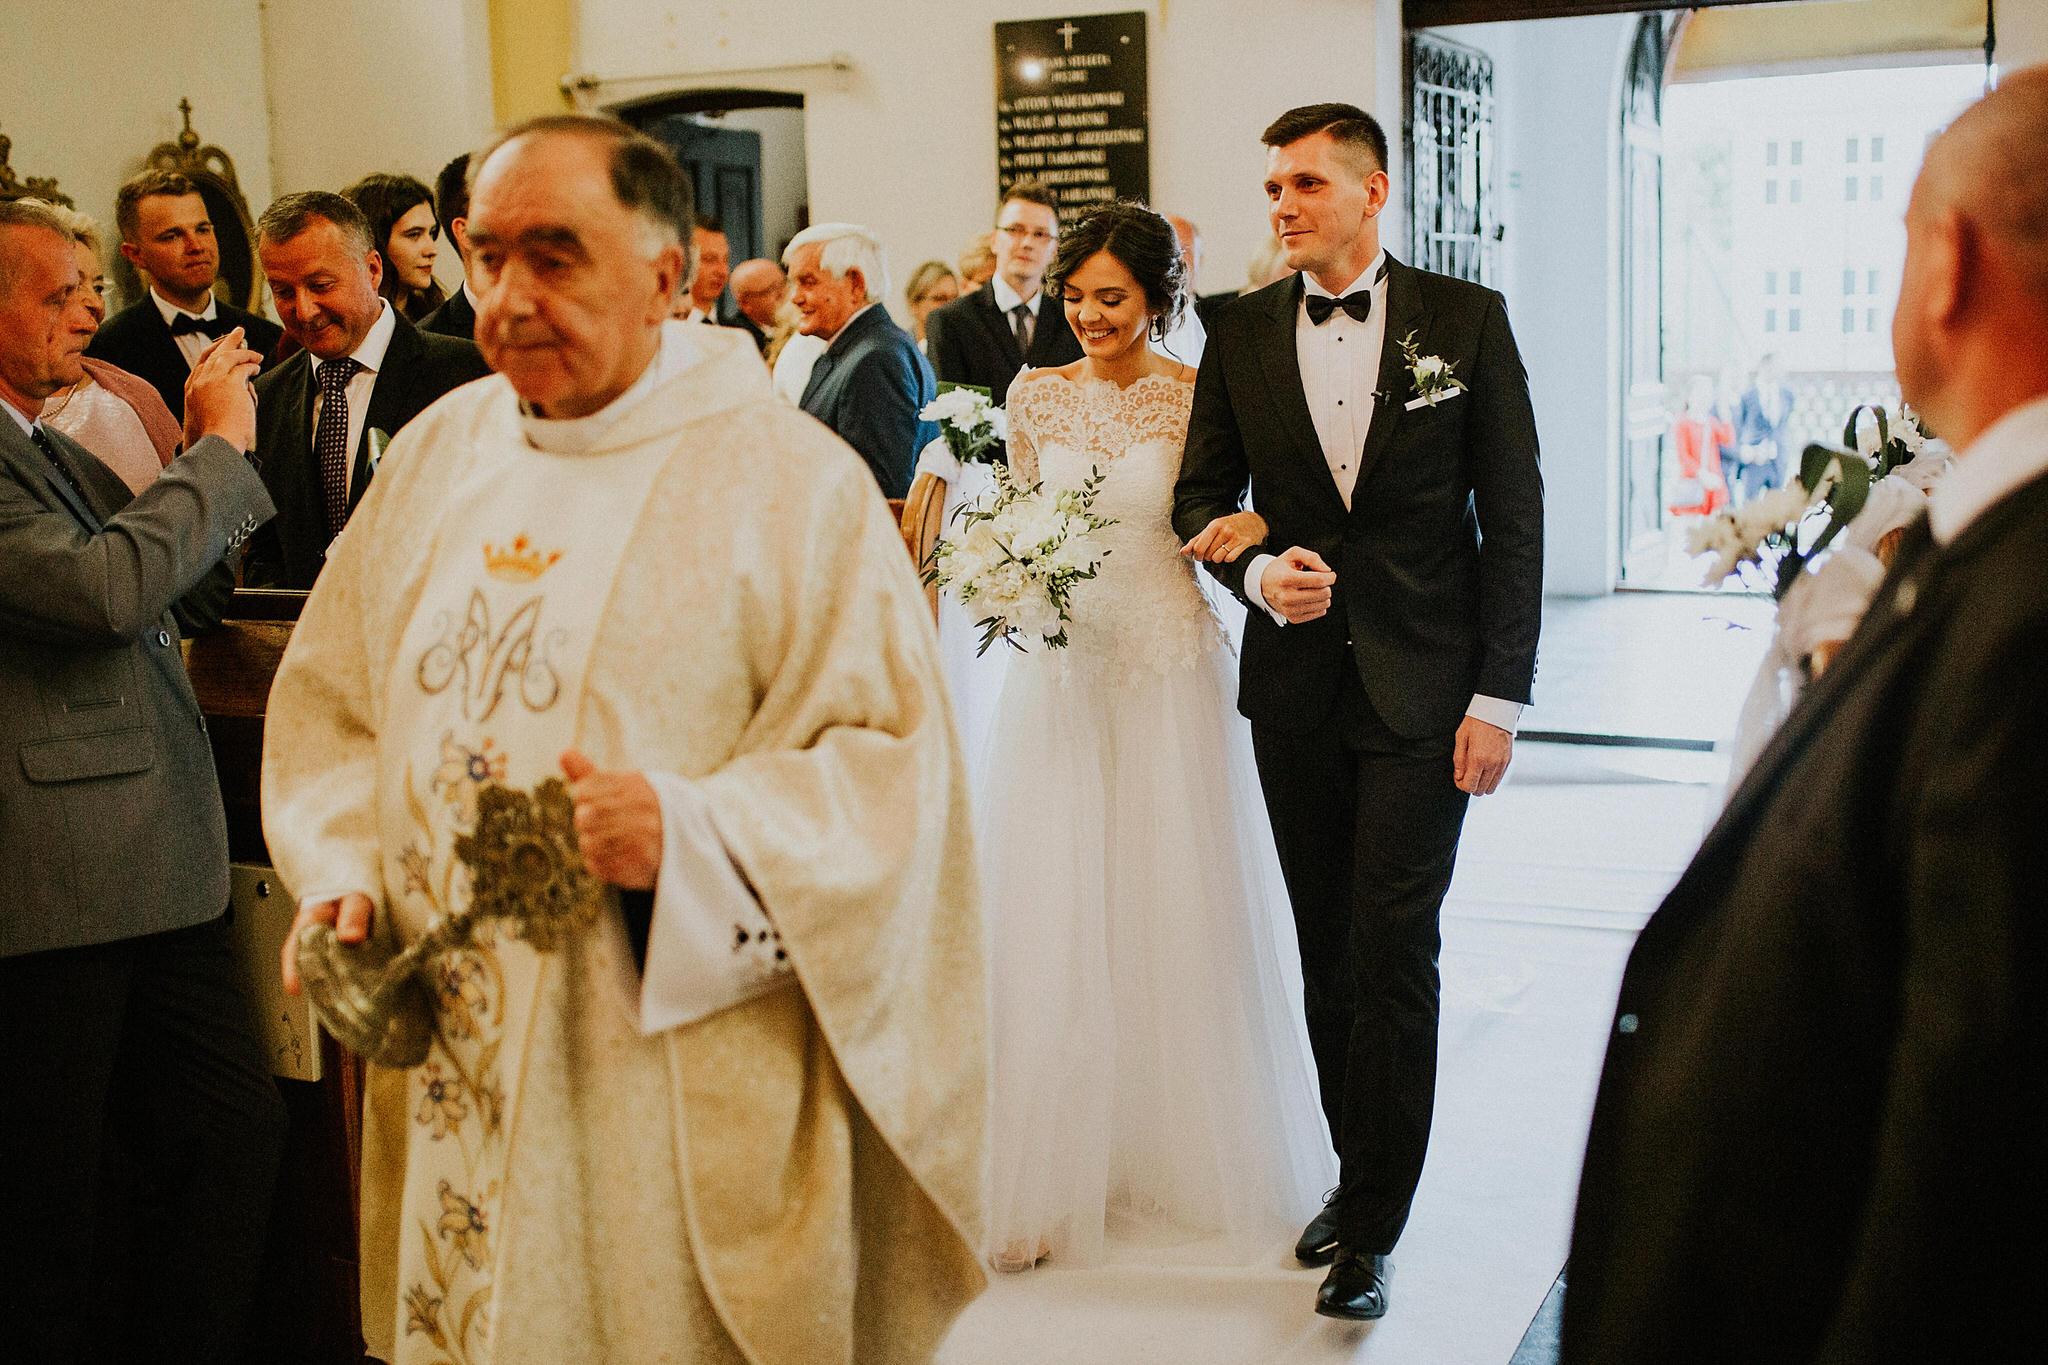 sandramarcin fotograf Karol Nycz www.karolnycz.com 227